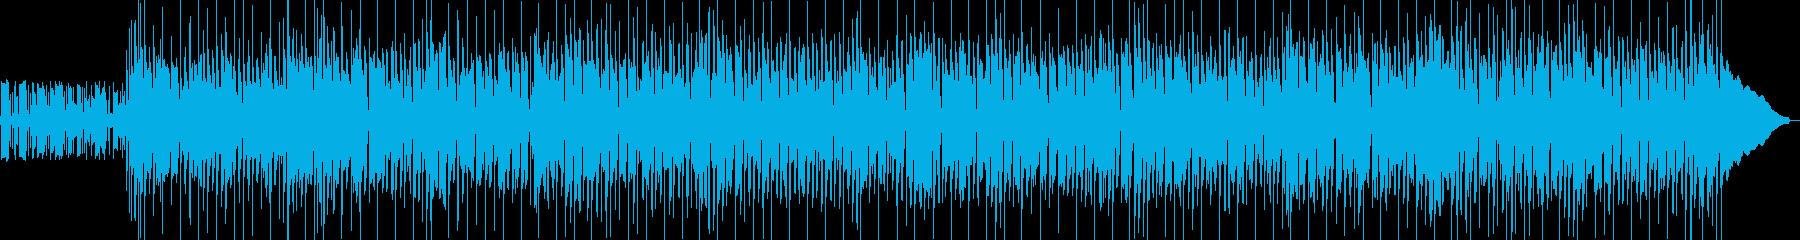 レゲエにインスパイアされたハッピー...の再生済みの波形